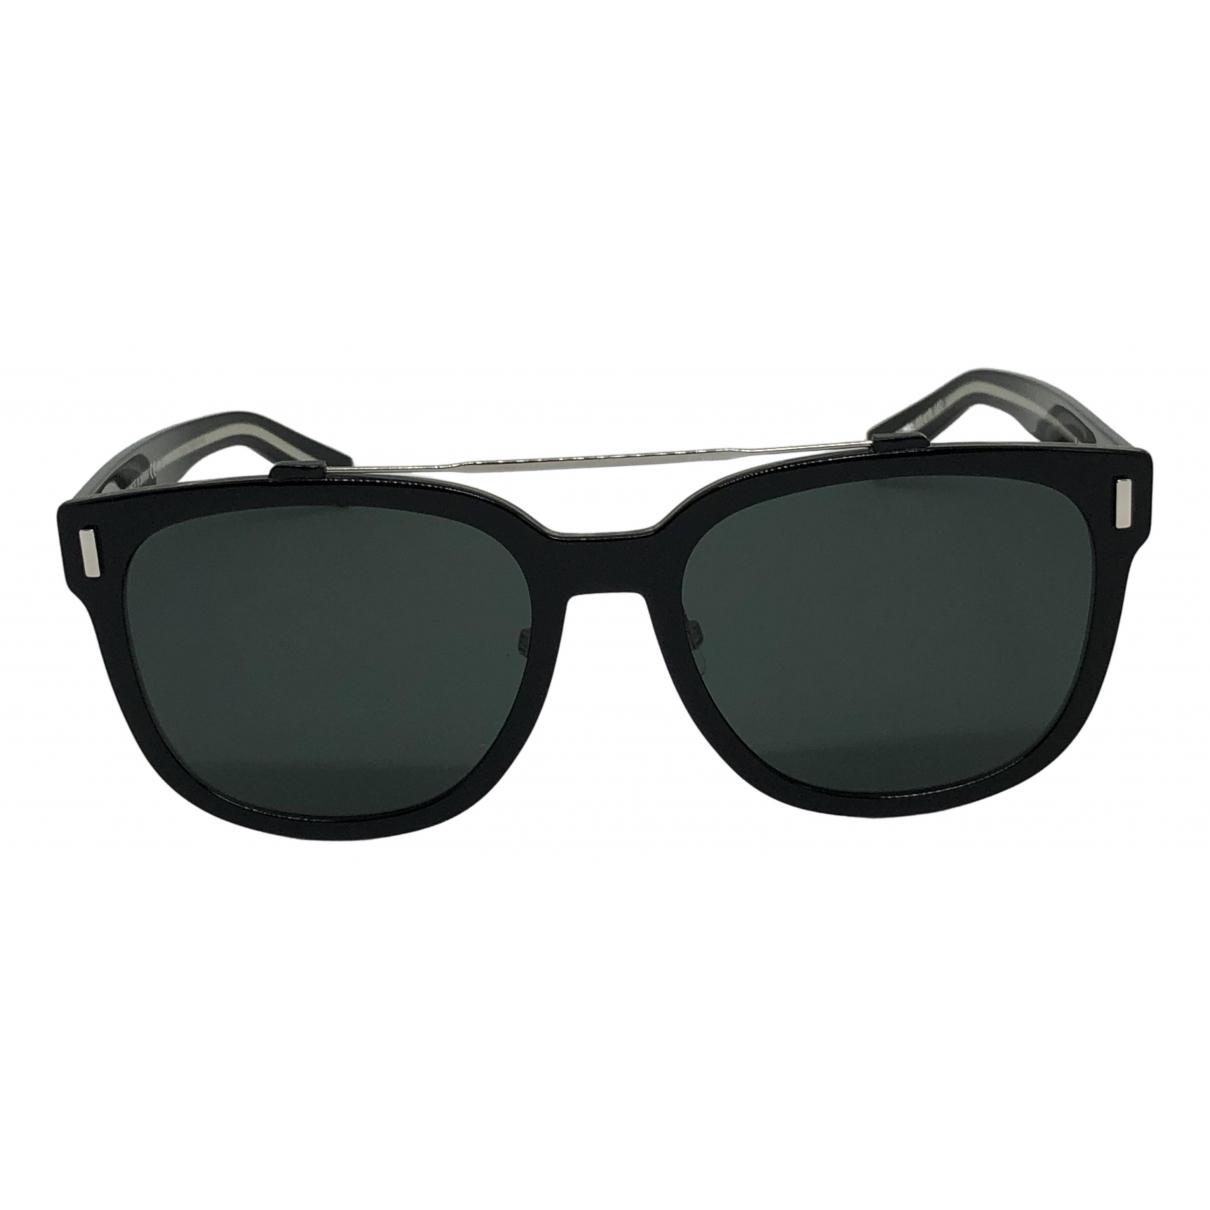 Gafas BLACK TIE 220S Dior Homme